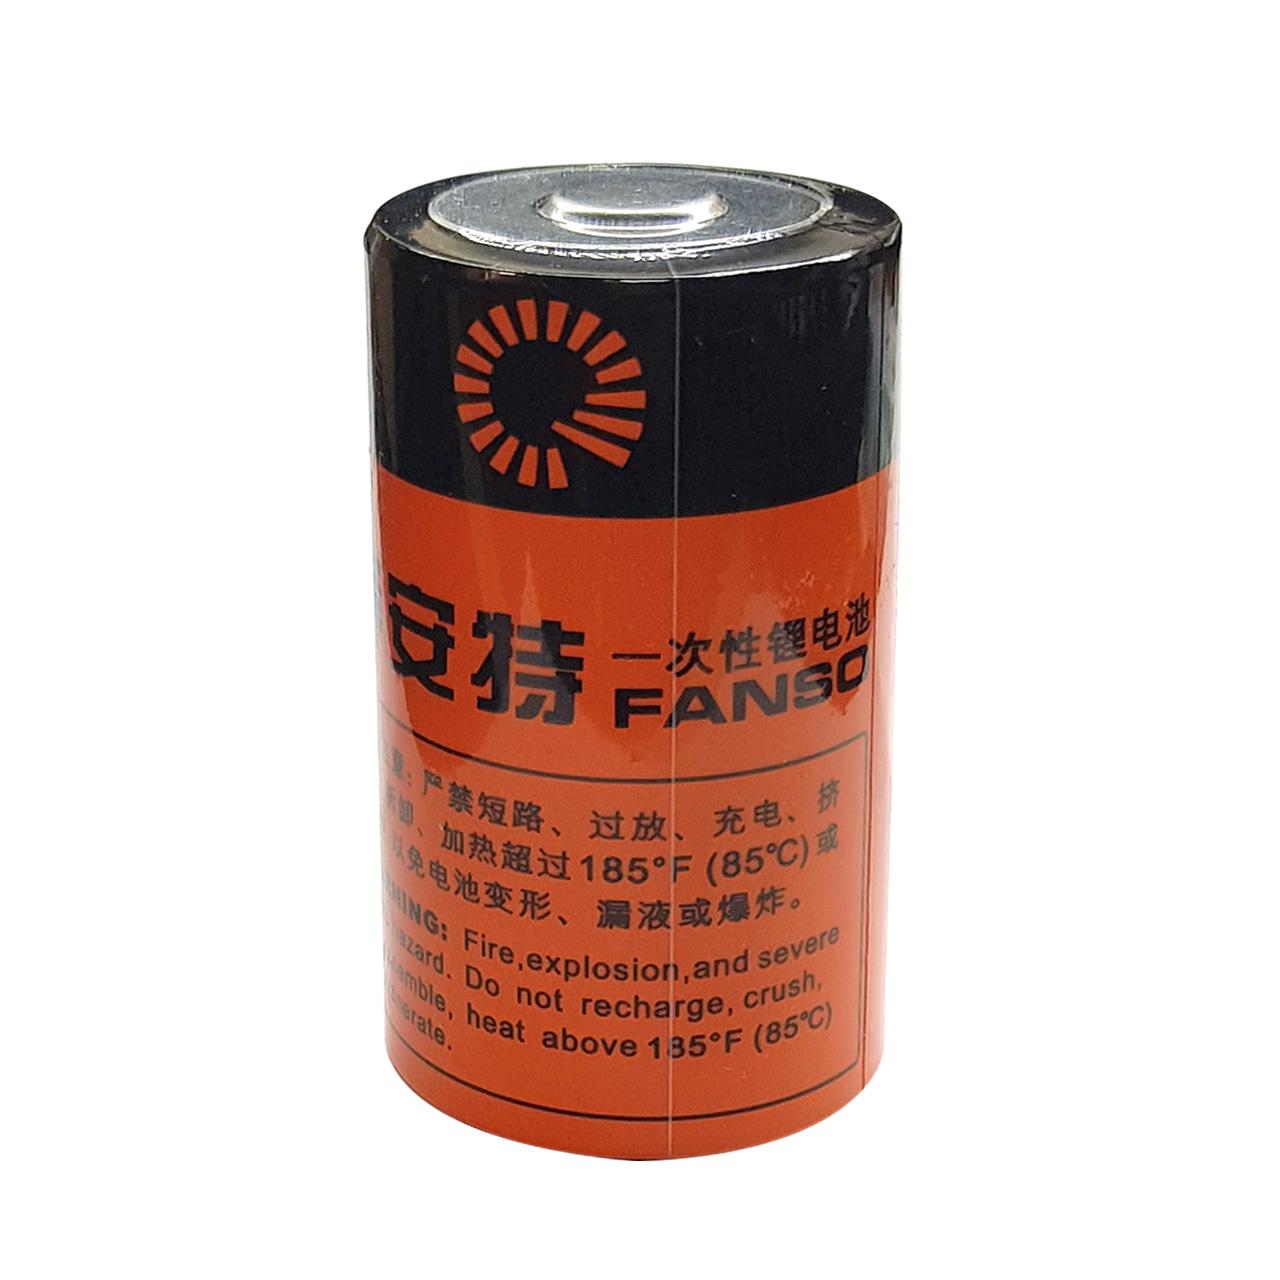 باتری لیتیومی فنسو مدل ER34165M ظرفیت 14000 میلی آمپر ساعت